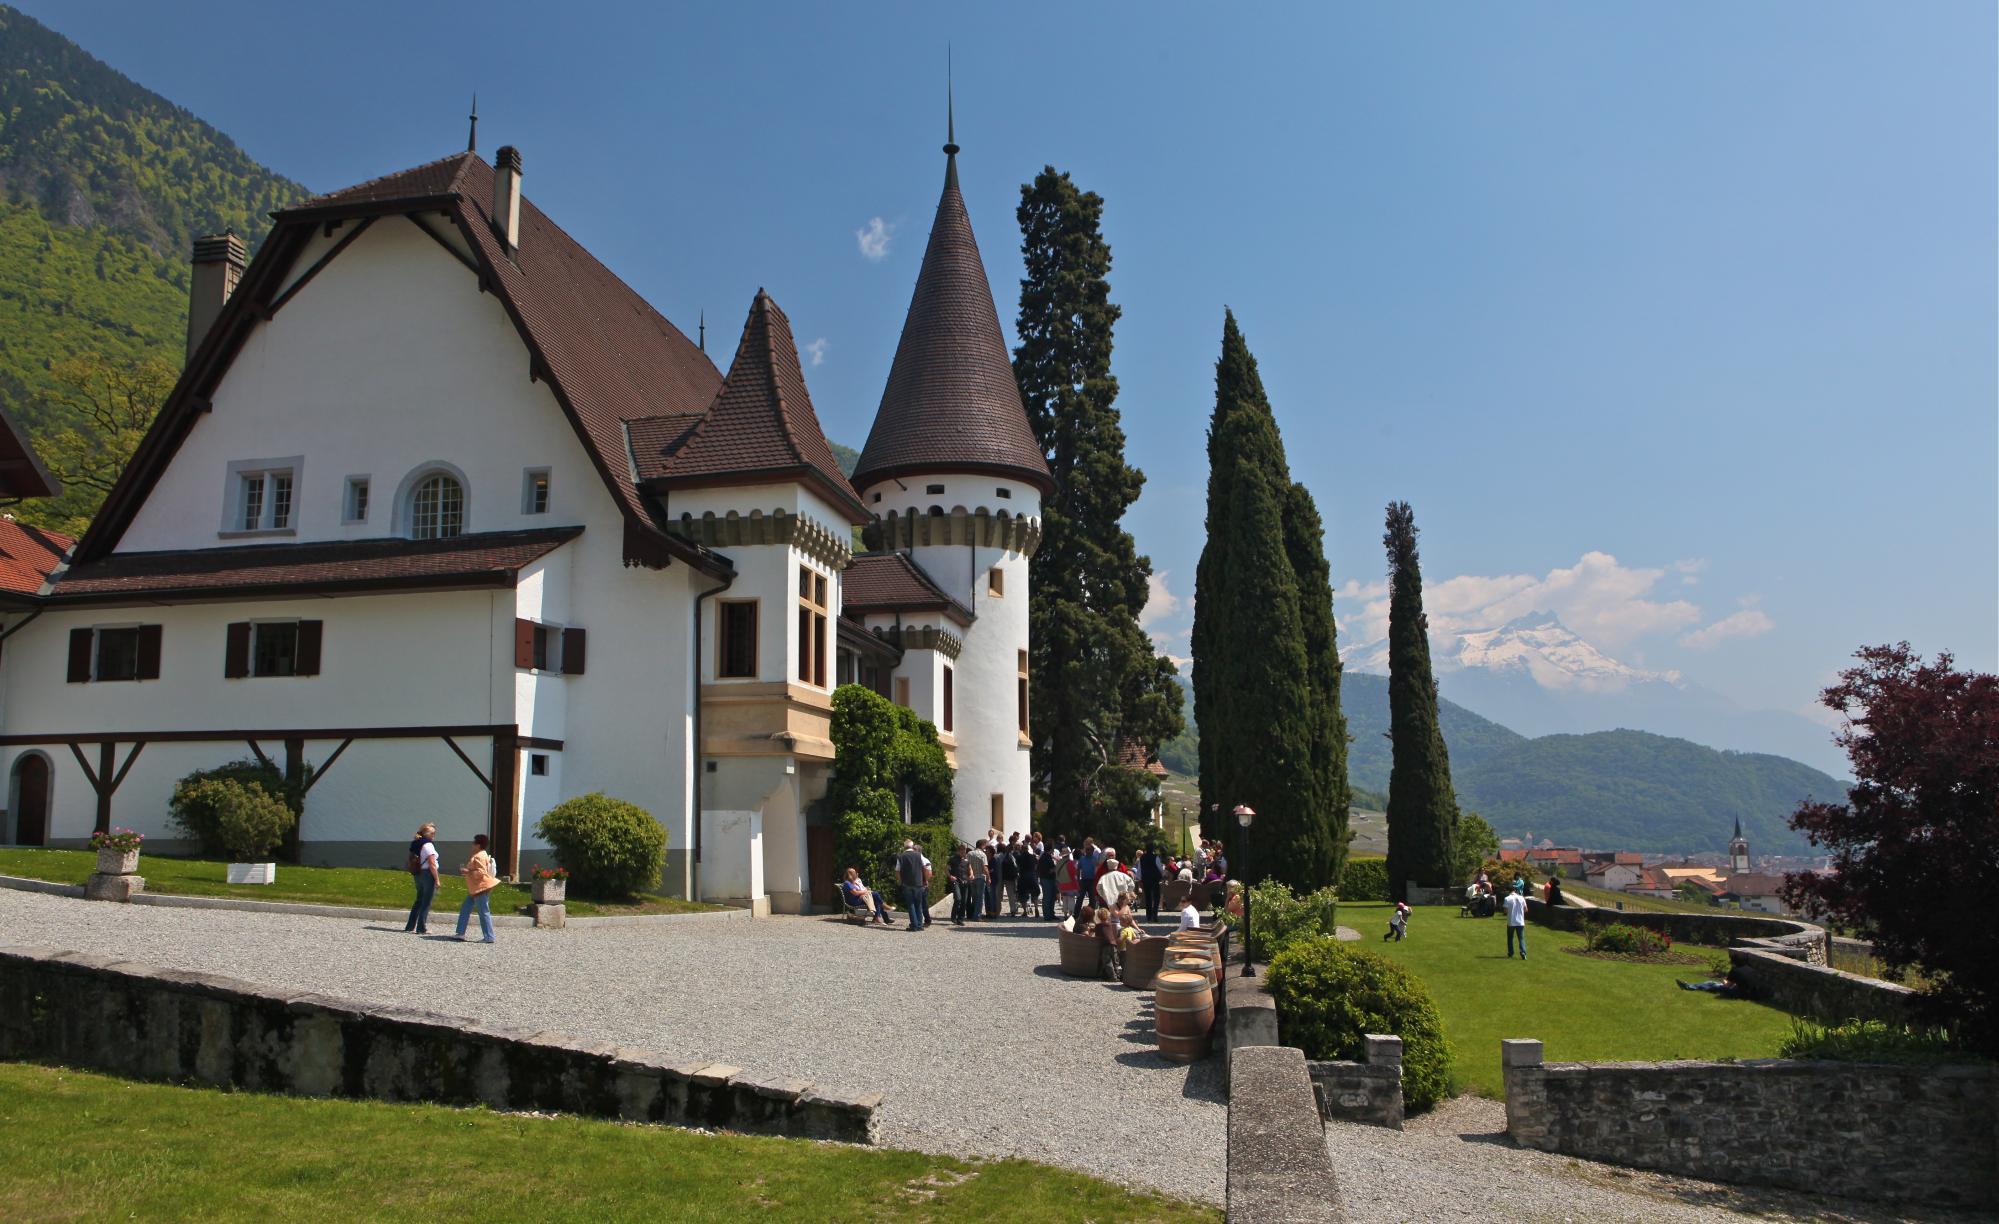 Château maison blanche